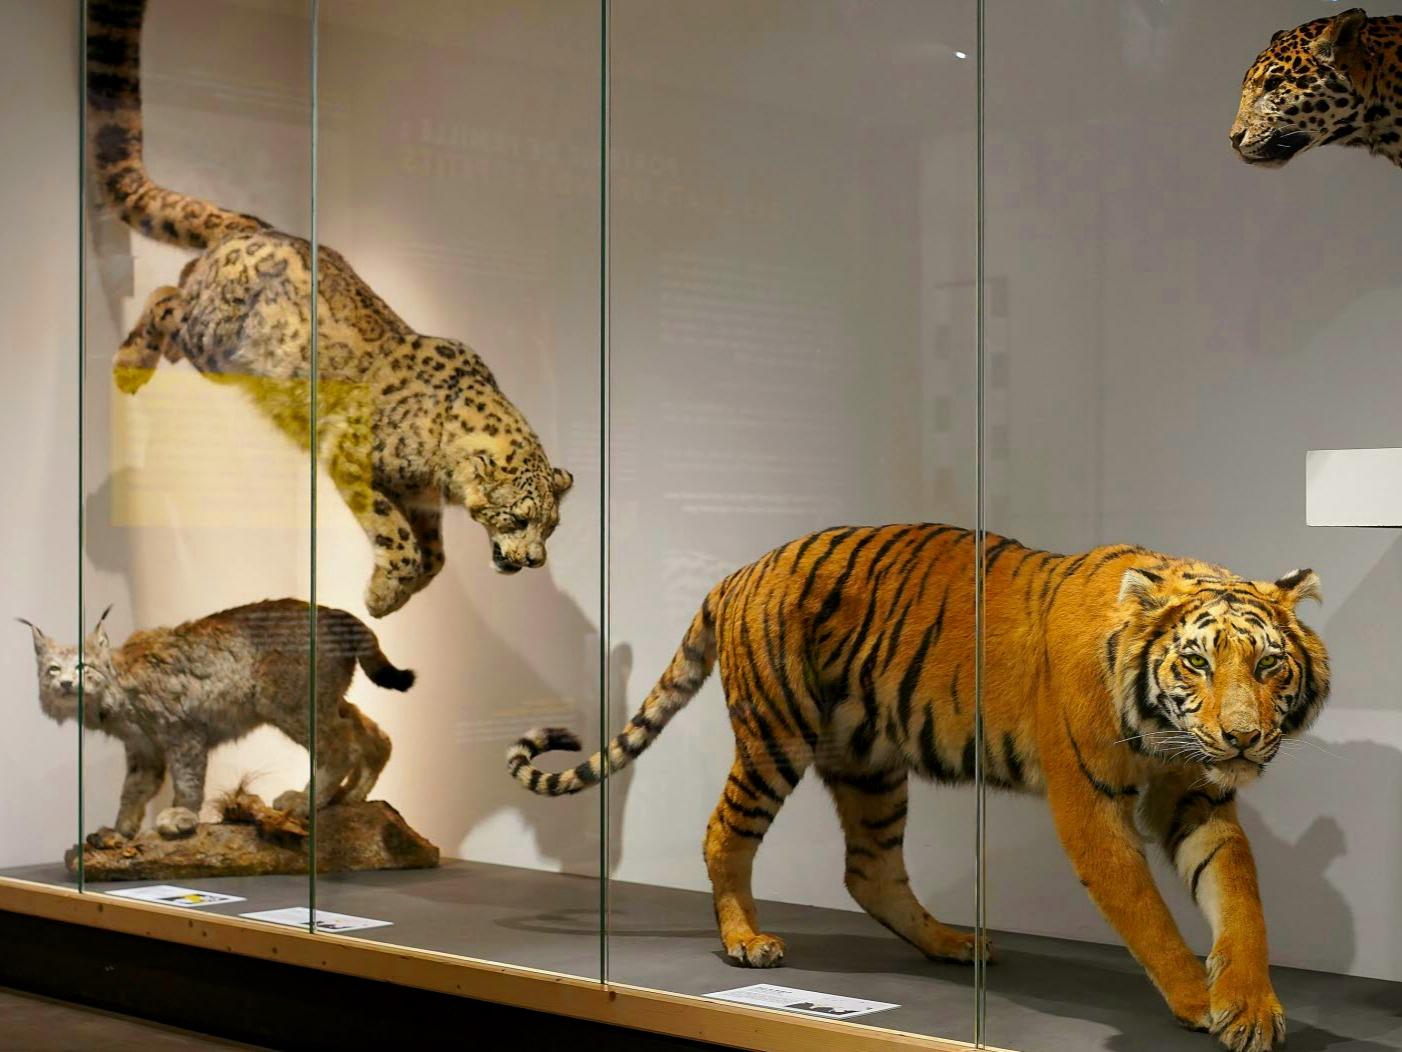 Entrée Gratuite au Muséum de Grenoble & au Musée de Grenoble (38)